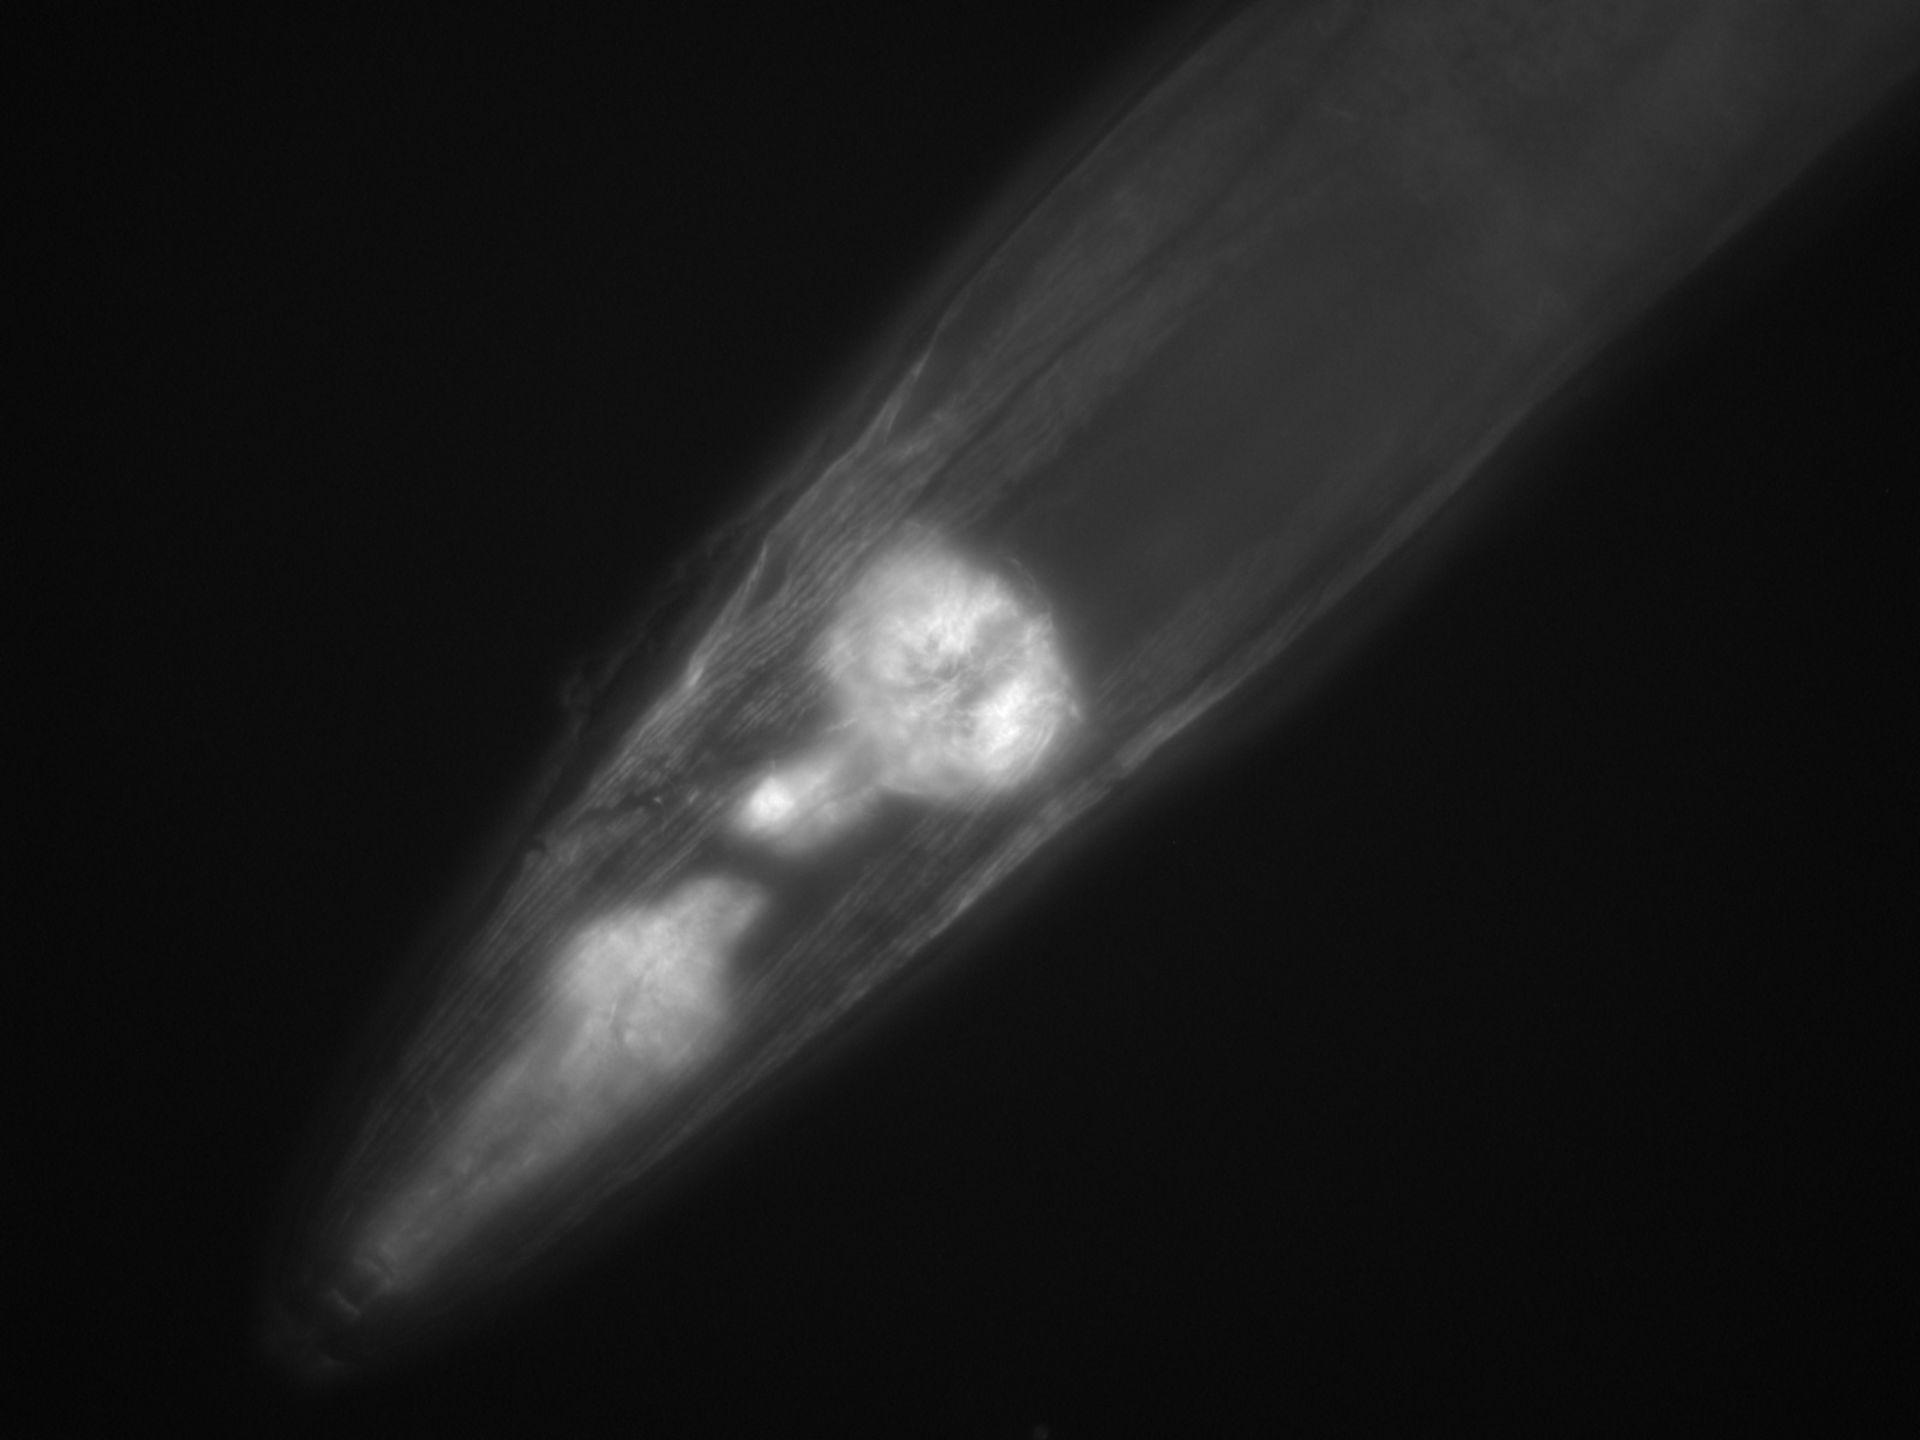 Caenorhabditis elegans (Actin filament) - CIL:1274